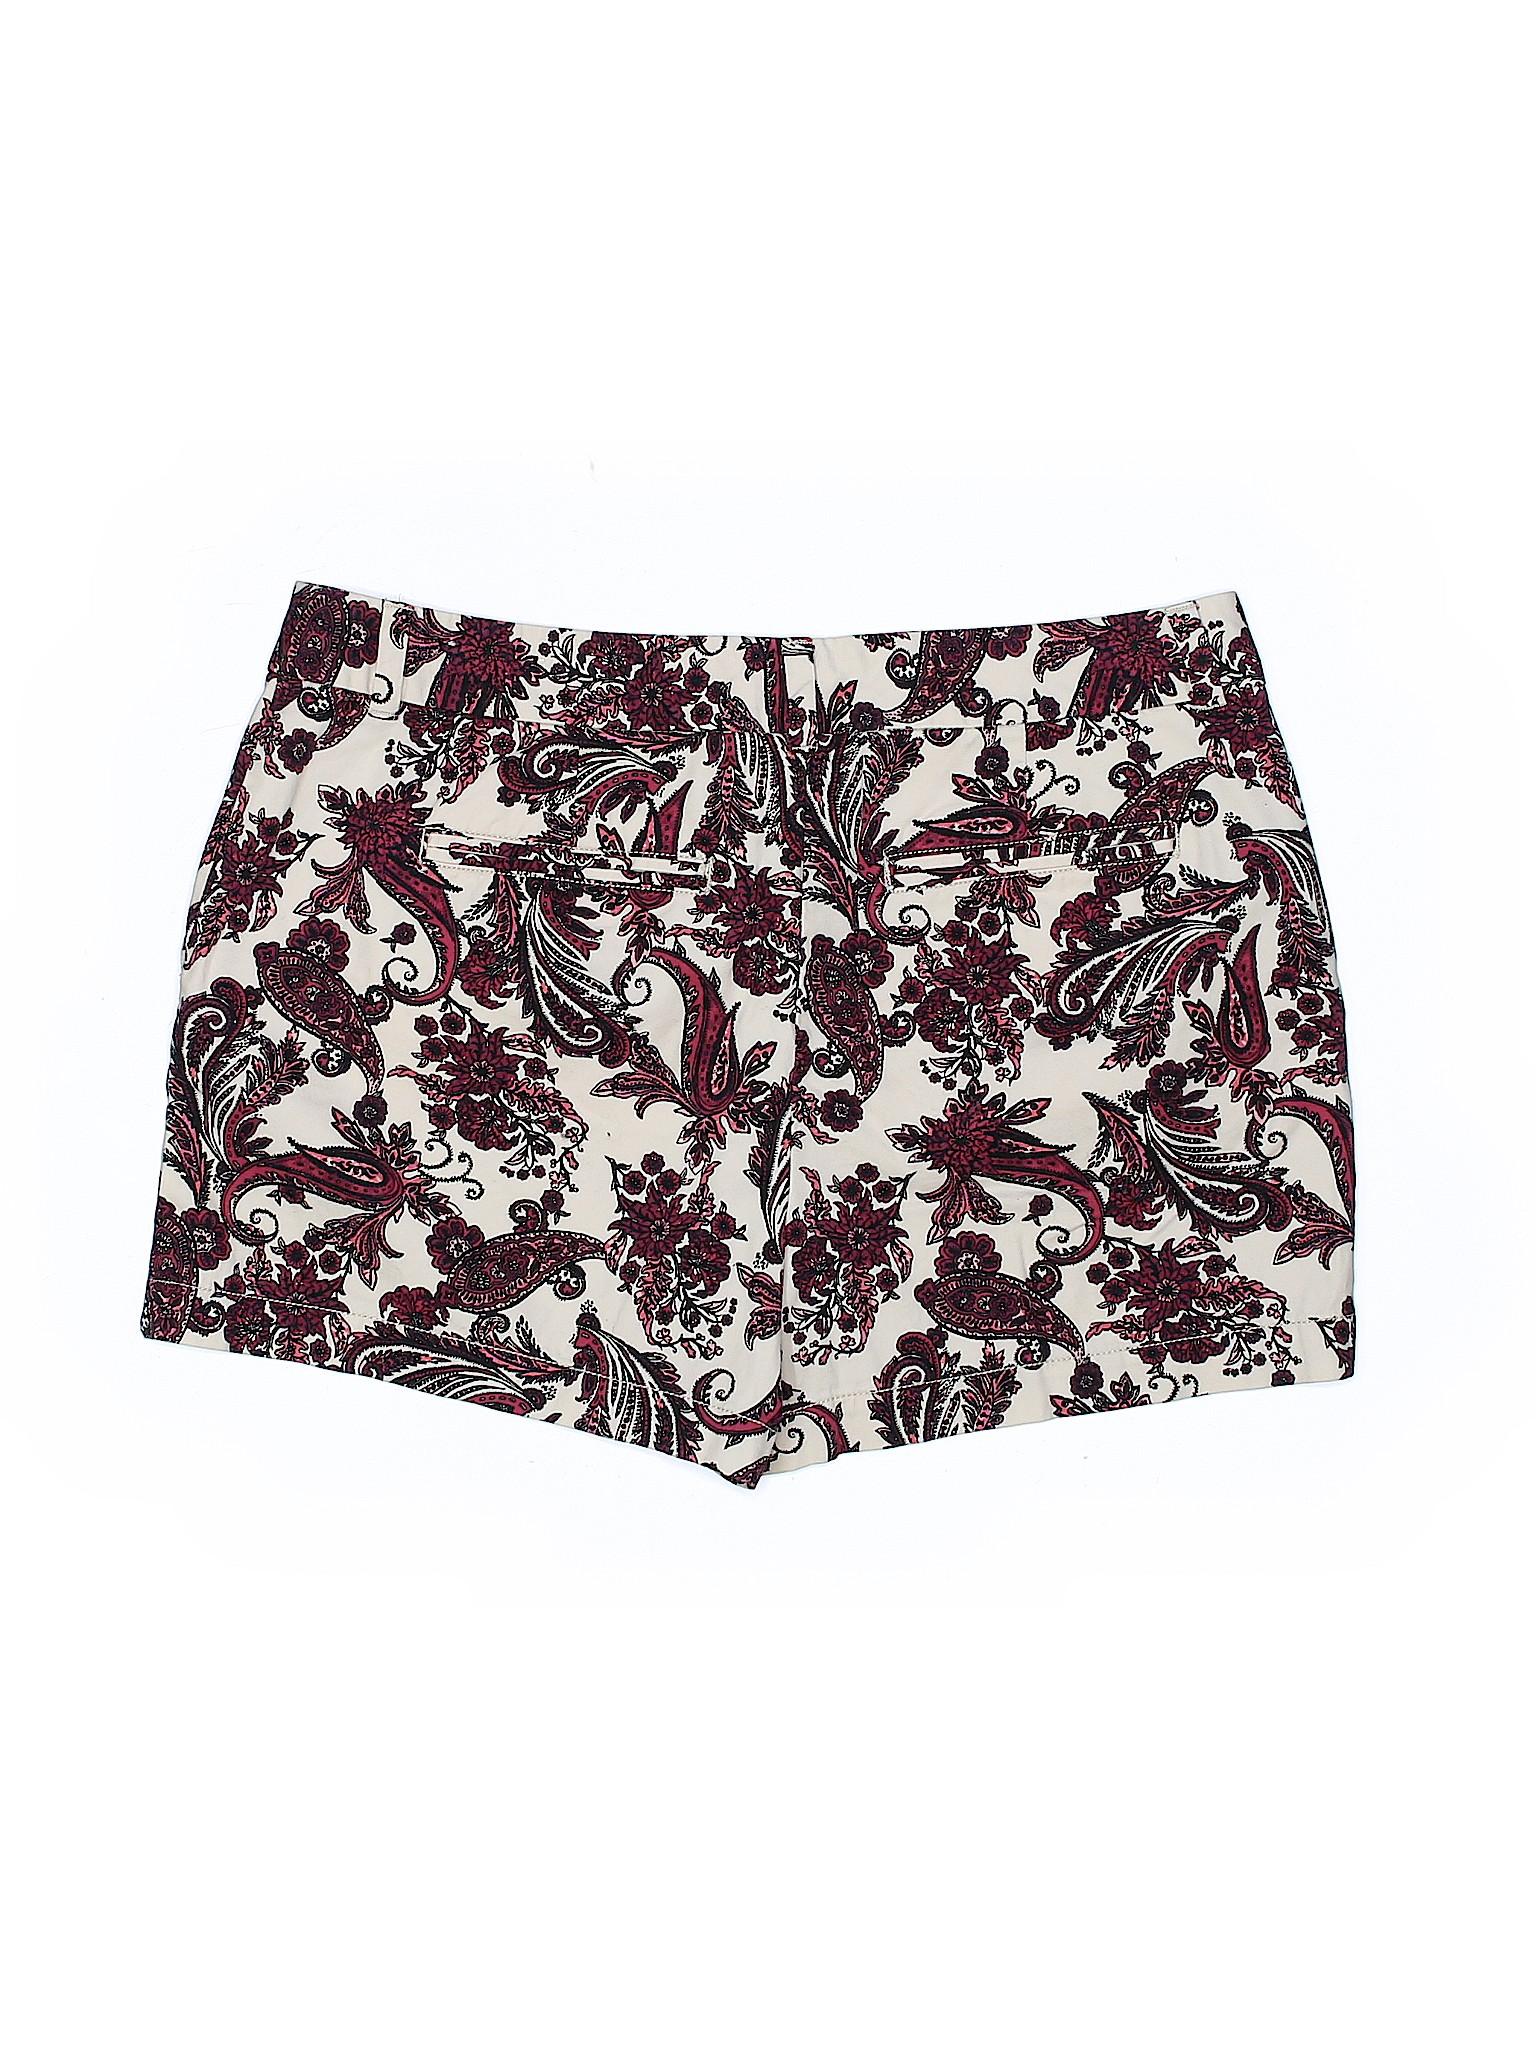 Shorts Ann Khaki LOFT Outlet Taylor Boutique 1Raq6q